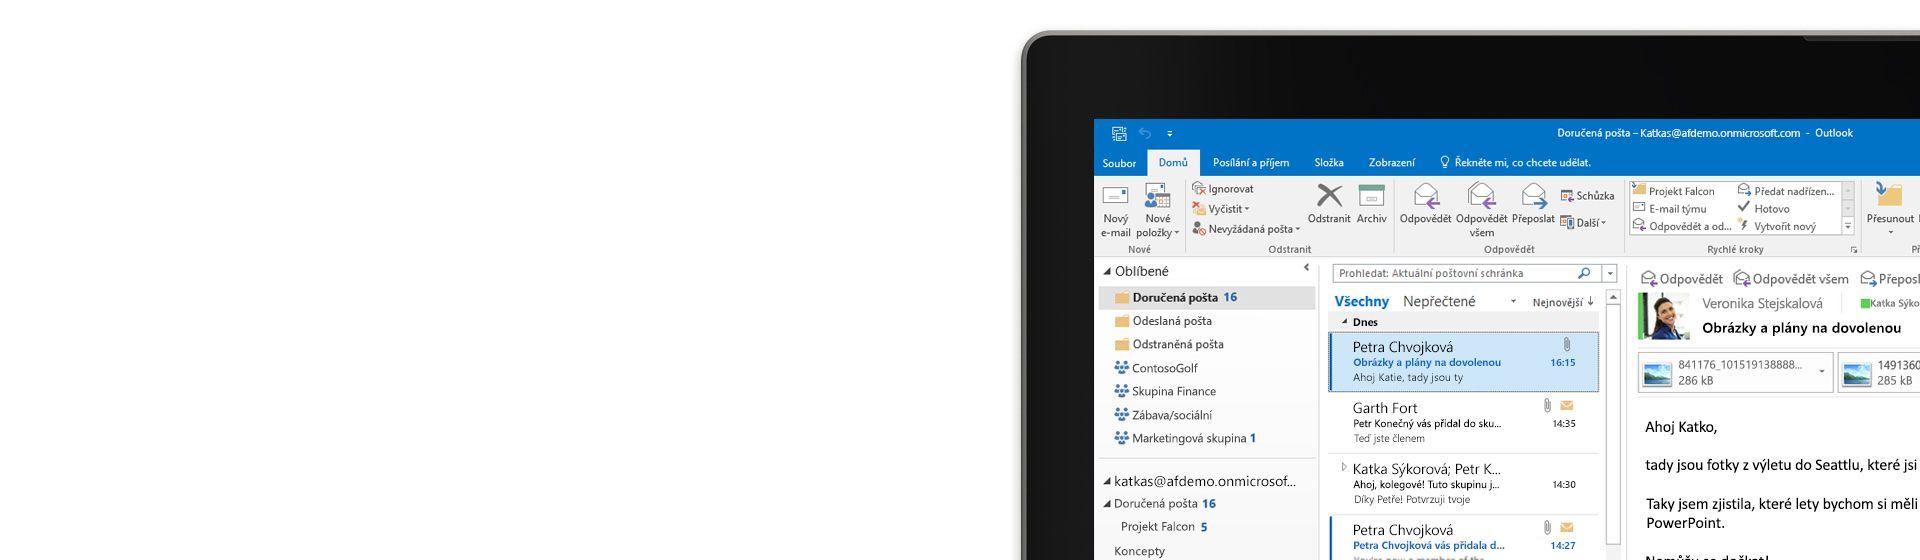 Microsoft Outlook na tabletu s otevřeným oknem náhledu zprávy